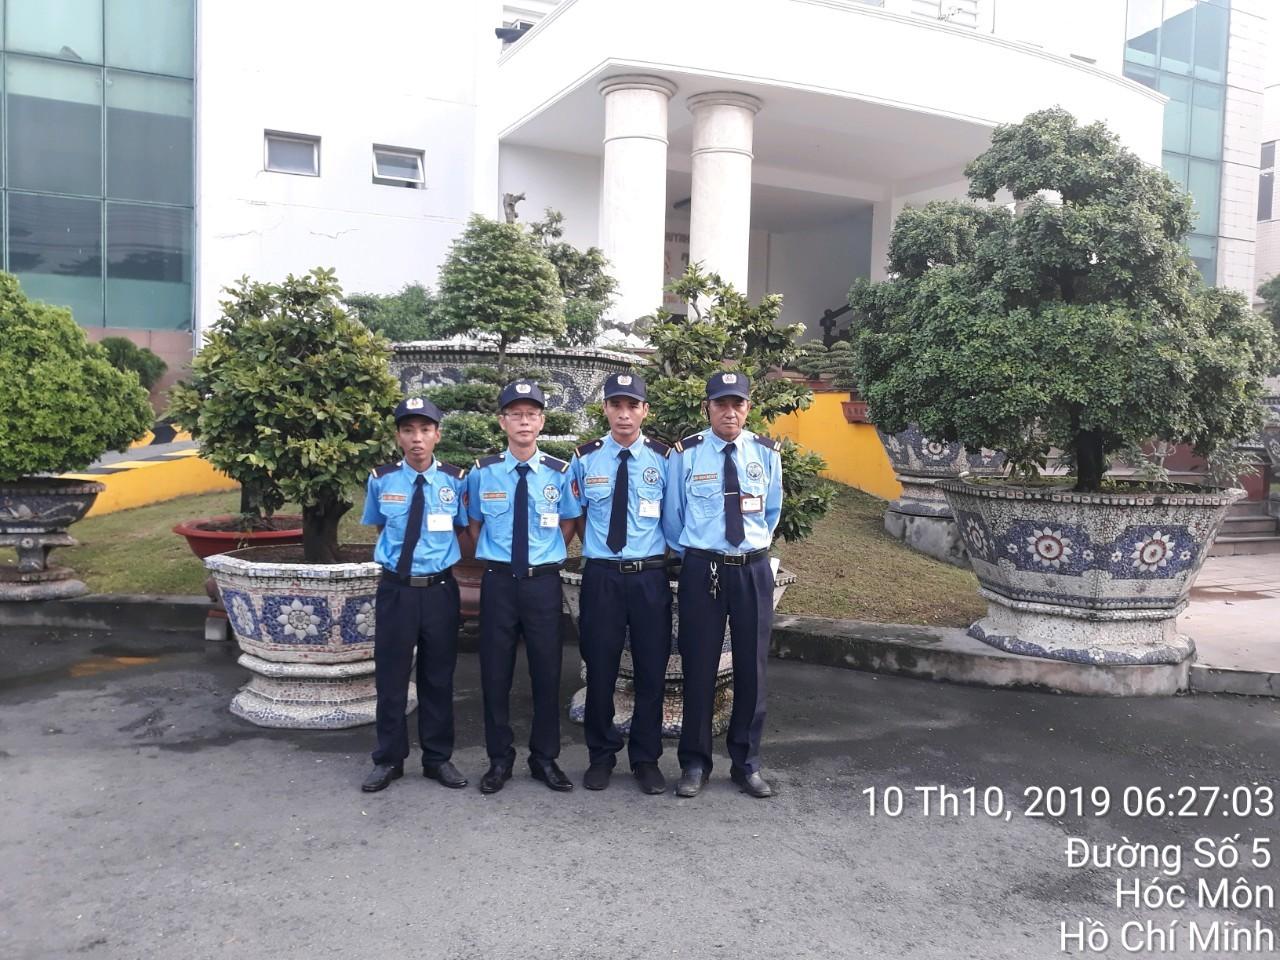 Cung cấp dịch vụ bảo vệ tuần tra Cty Hưng Thái